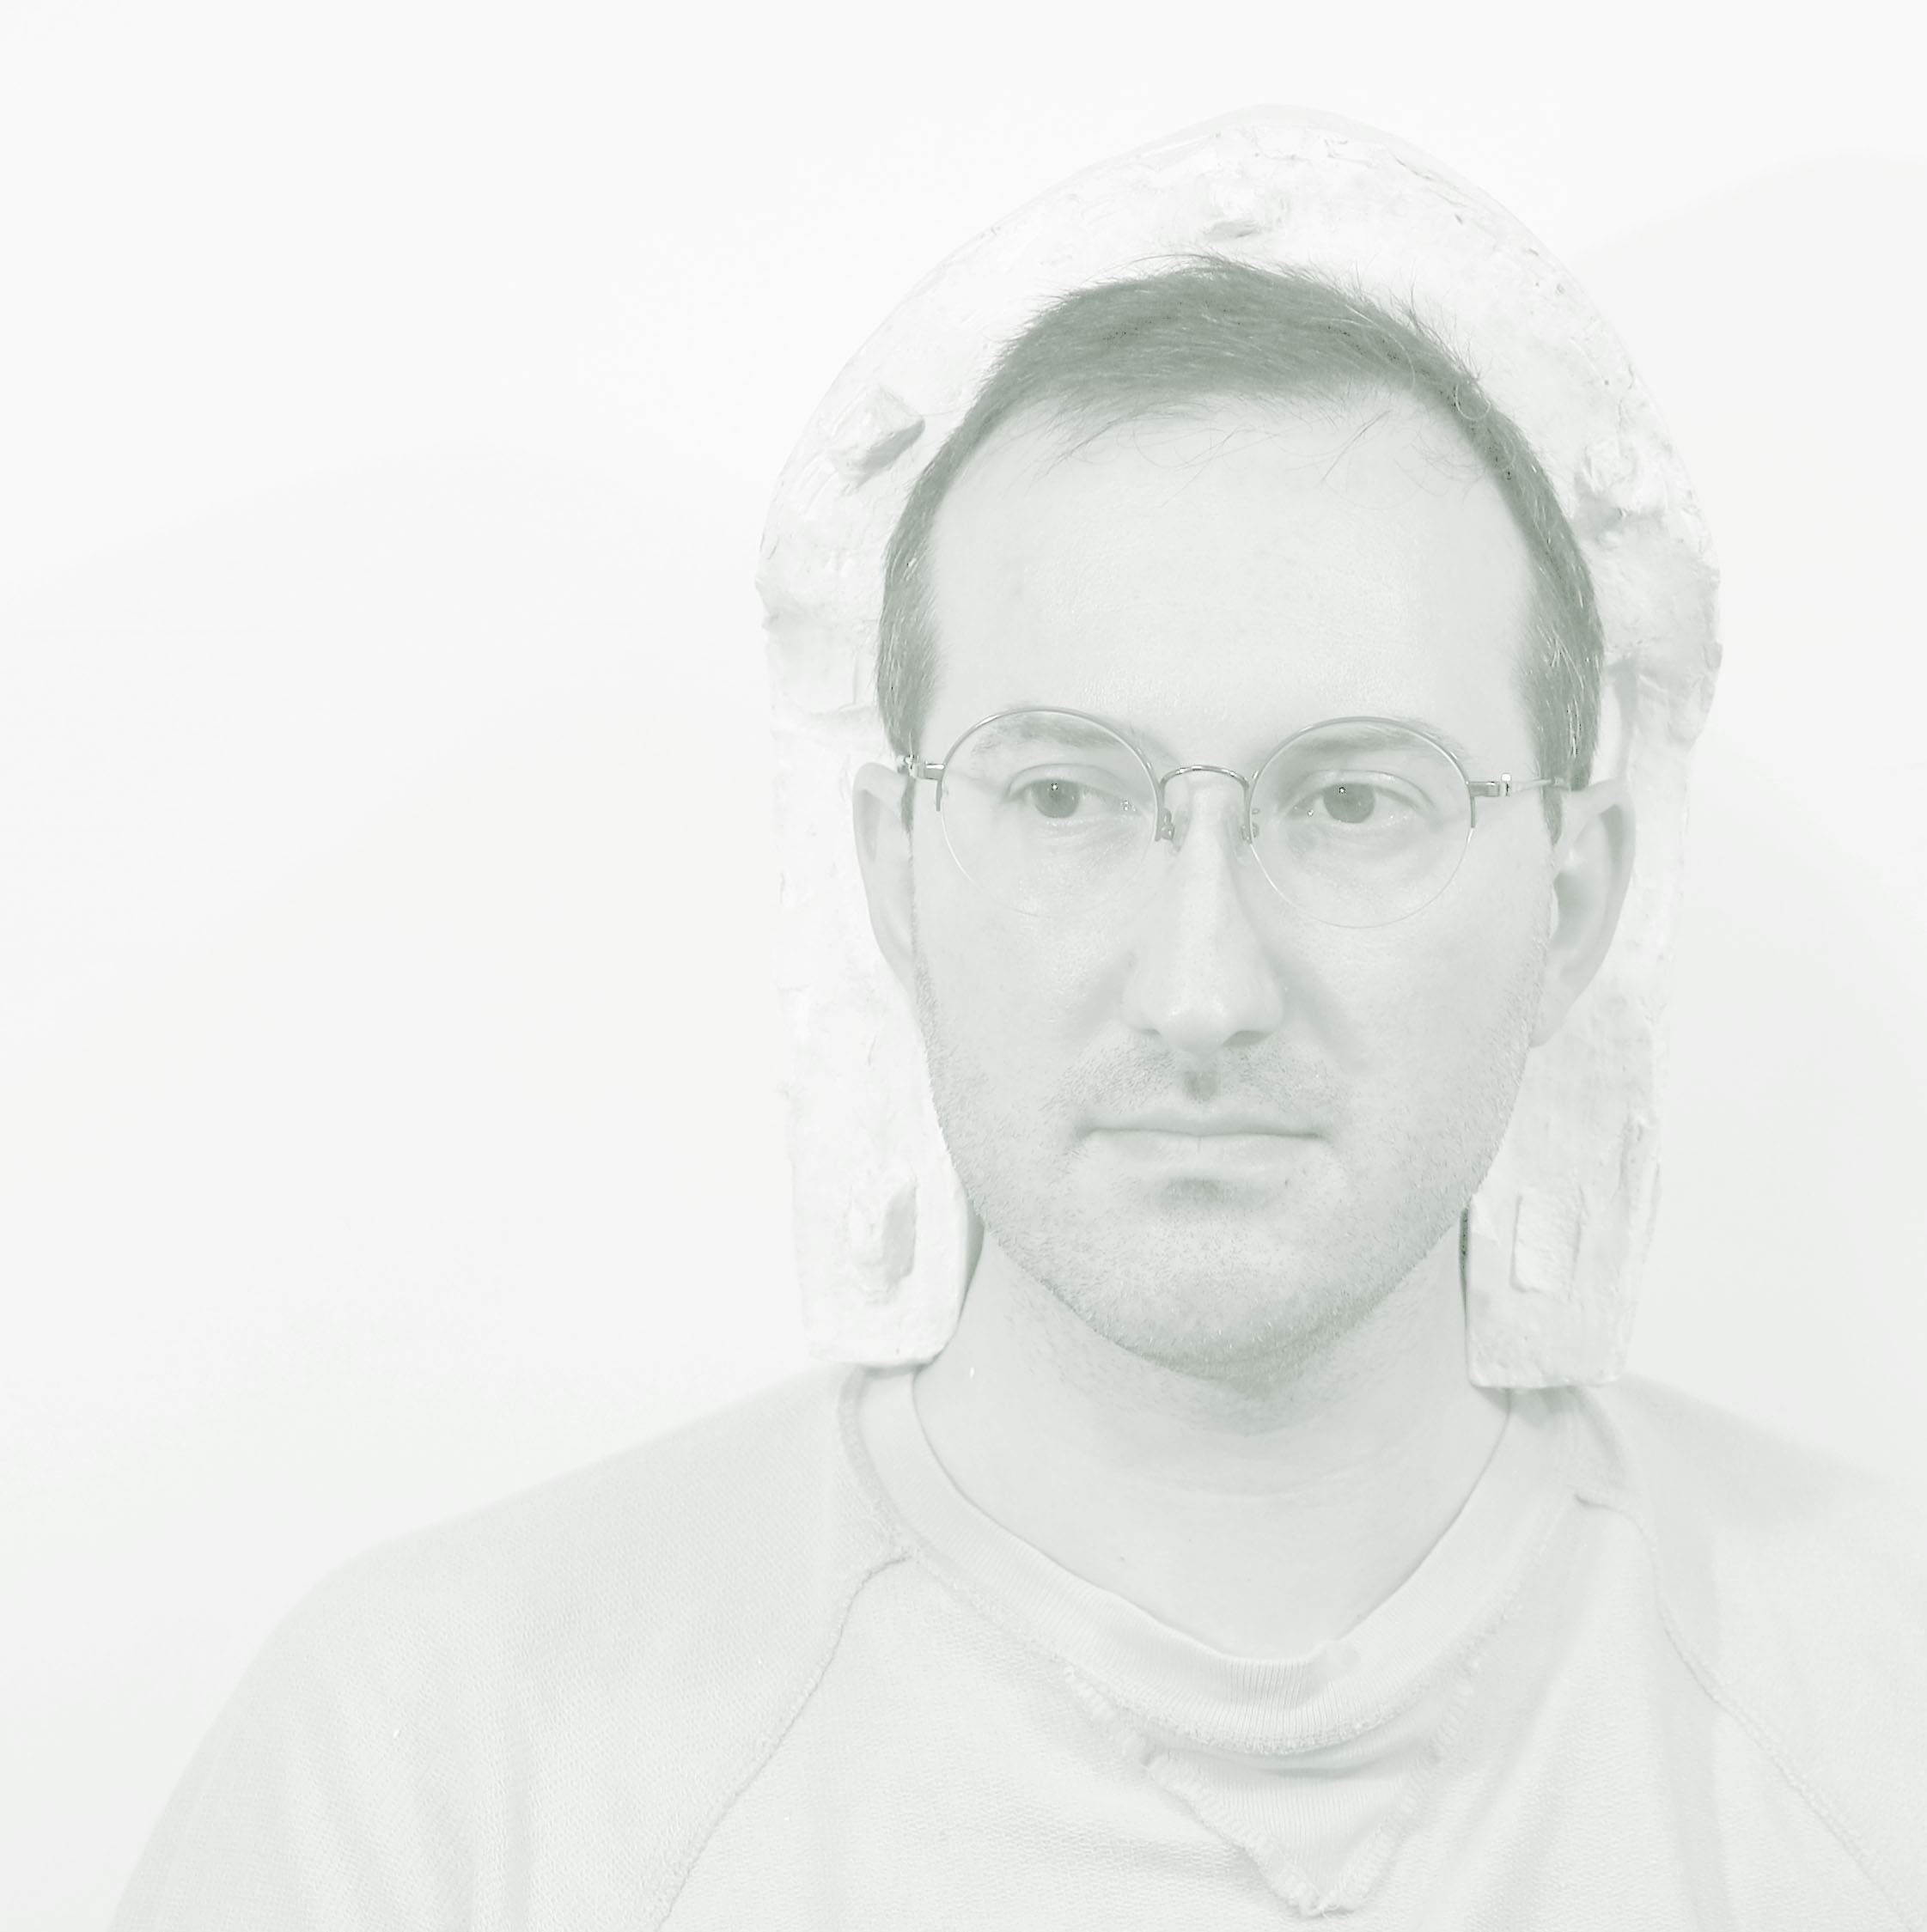 Darren Tesar